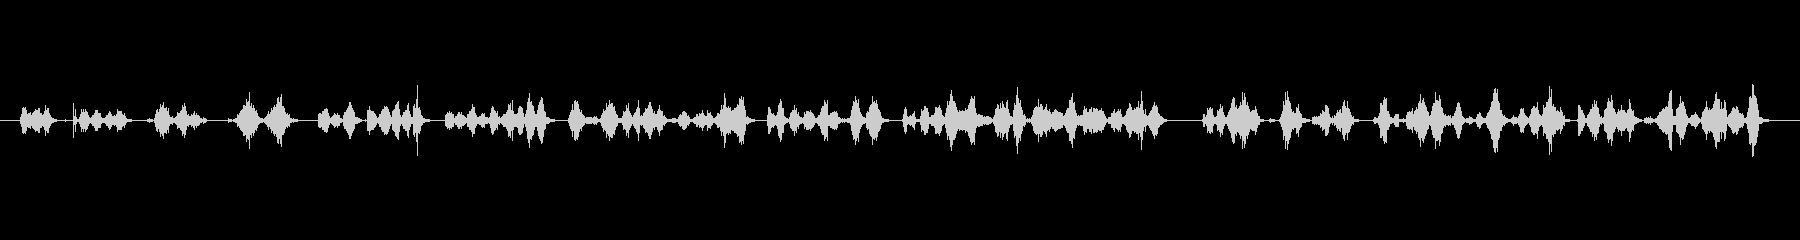 【ボールペン01-03(書く)】の未再生の波形